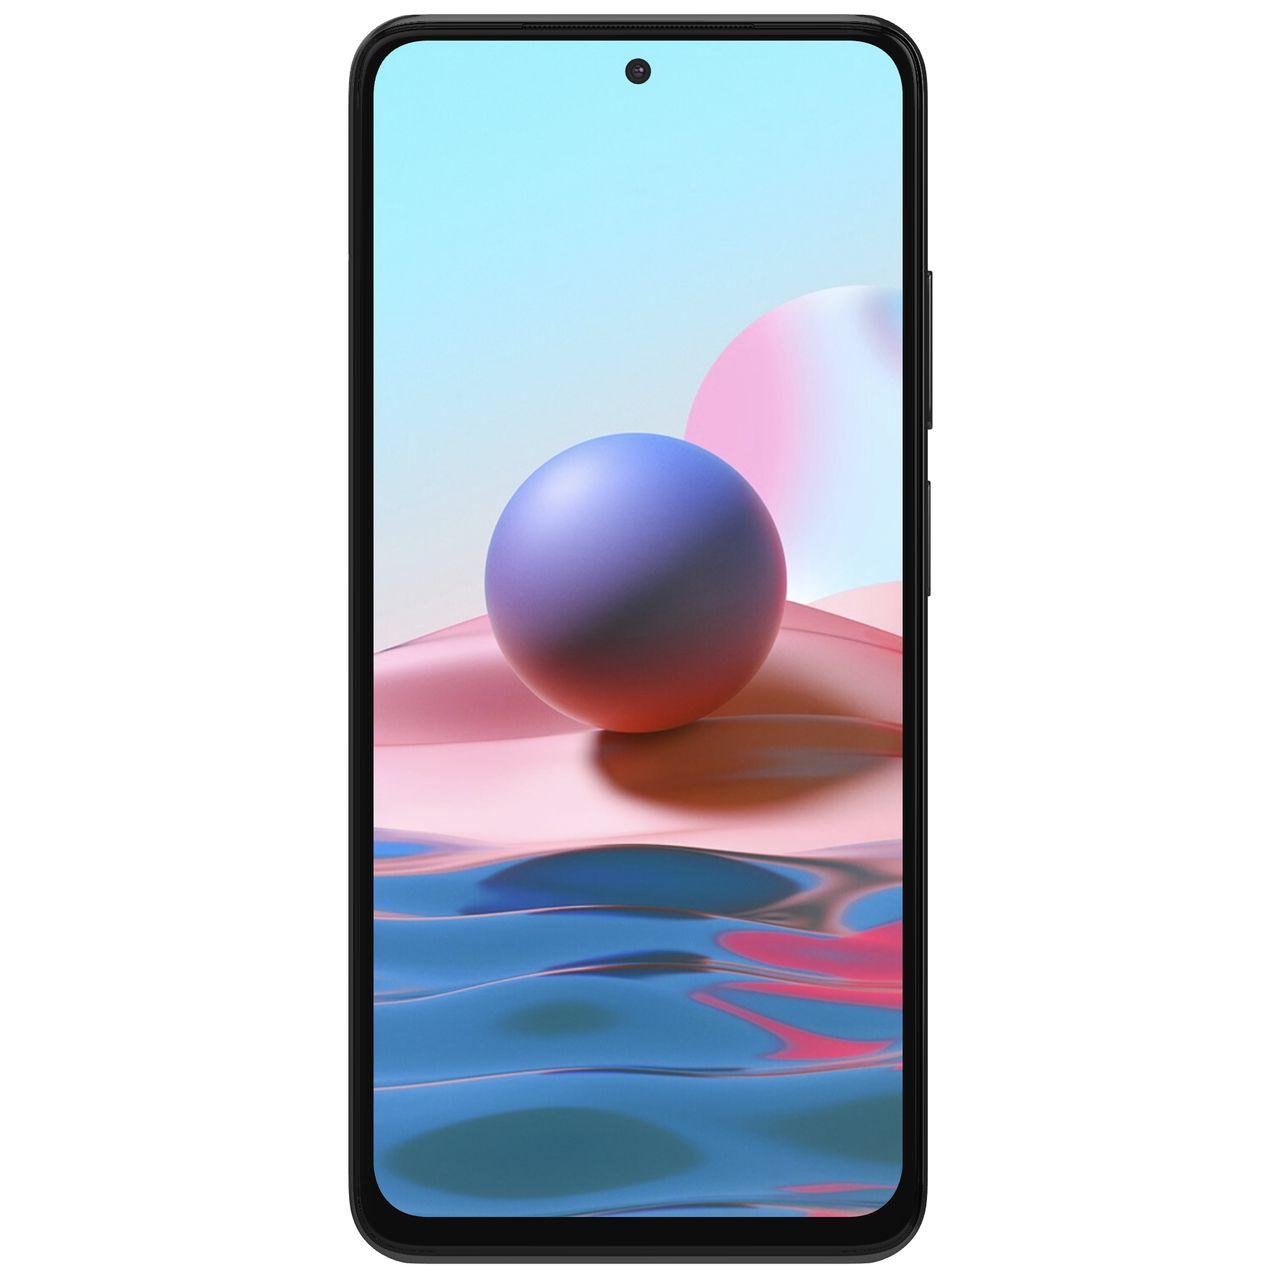 گوشی موبایل شیائومی مدل Redmi Note 10 M2101K7AG دو سیم کارت ظرفیت ۶۴ گیگابایت و رم ۴ گیگابایت